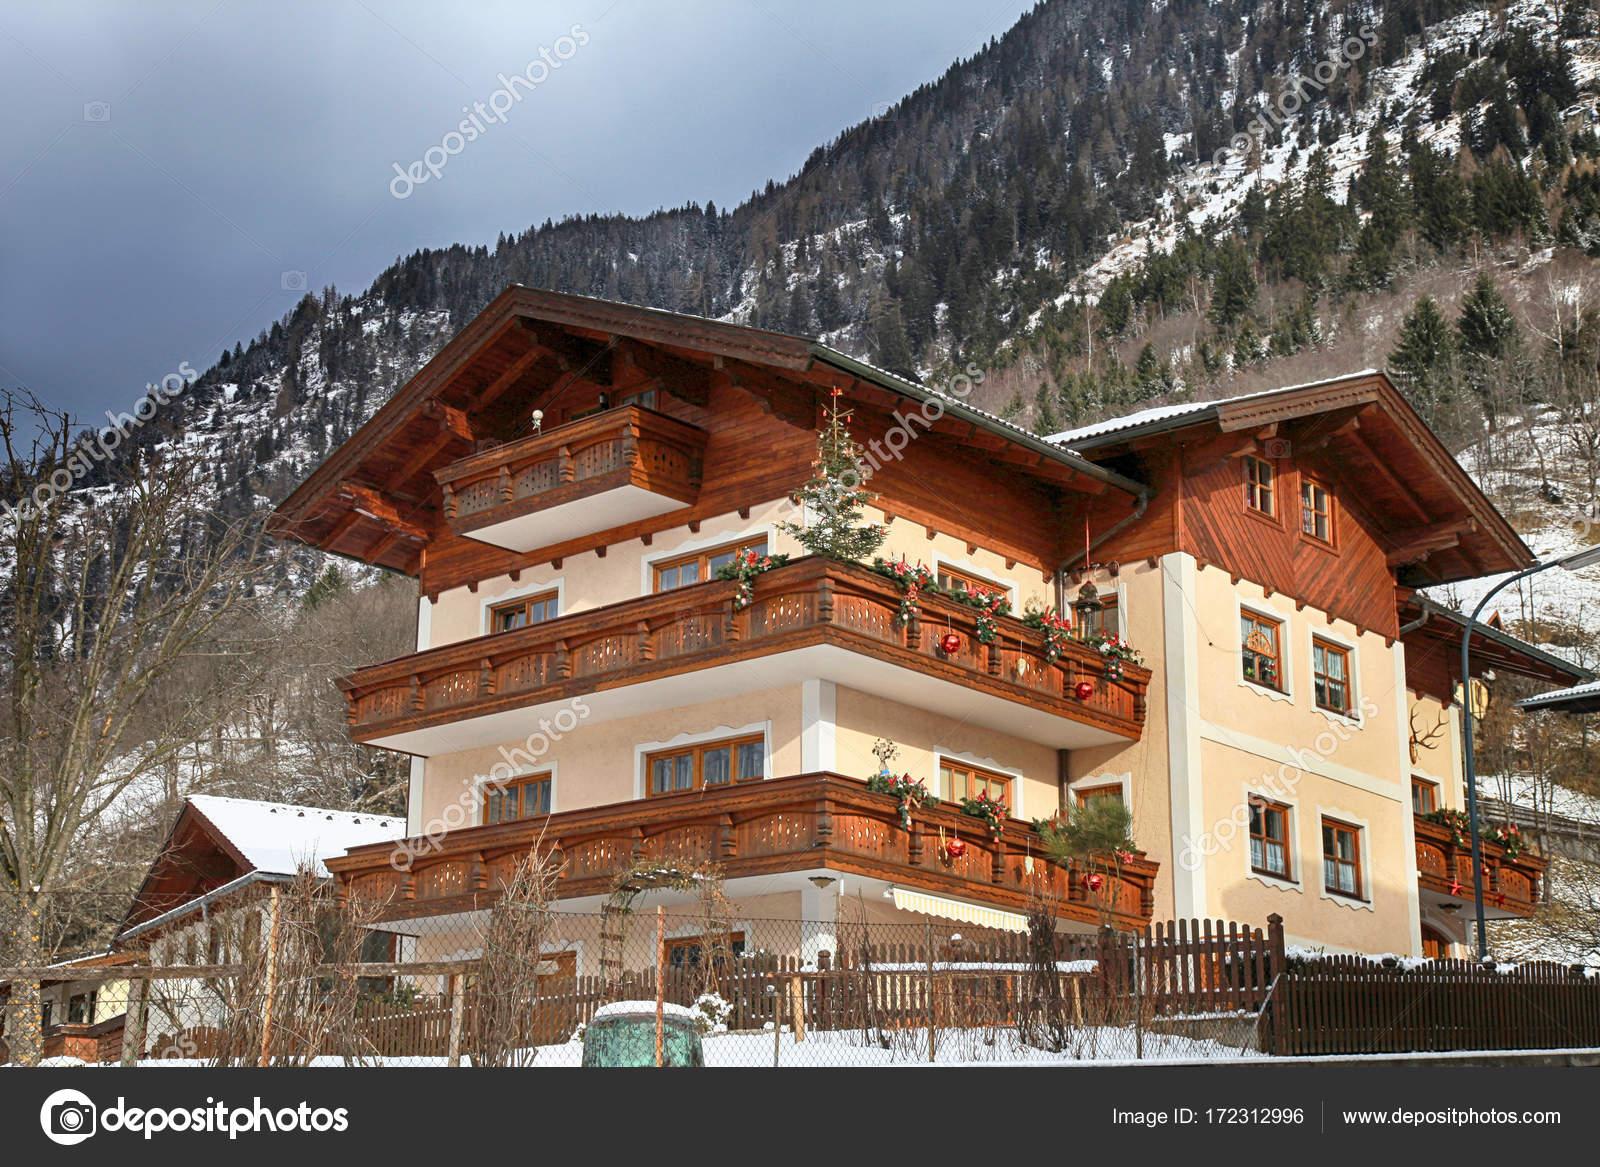 Decorazioni Per Casa Montagna : Casa alpin con decorazioni di natale e balcone in legno austria